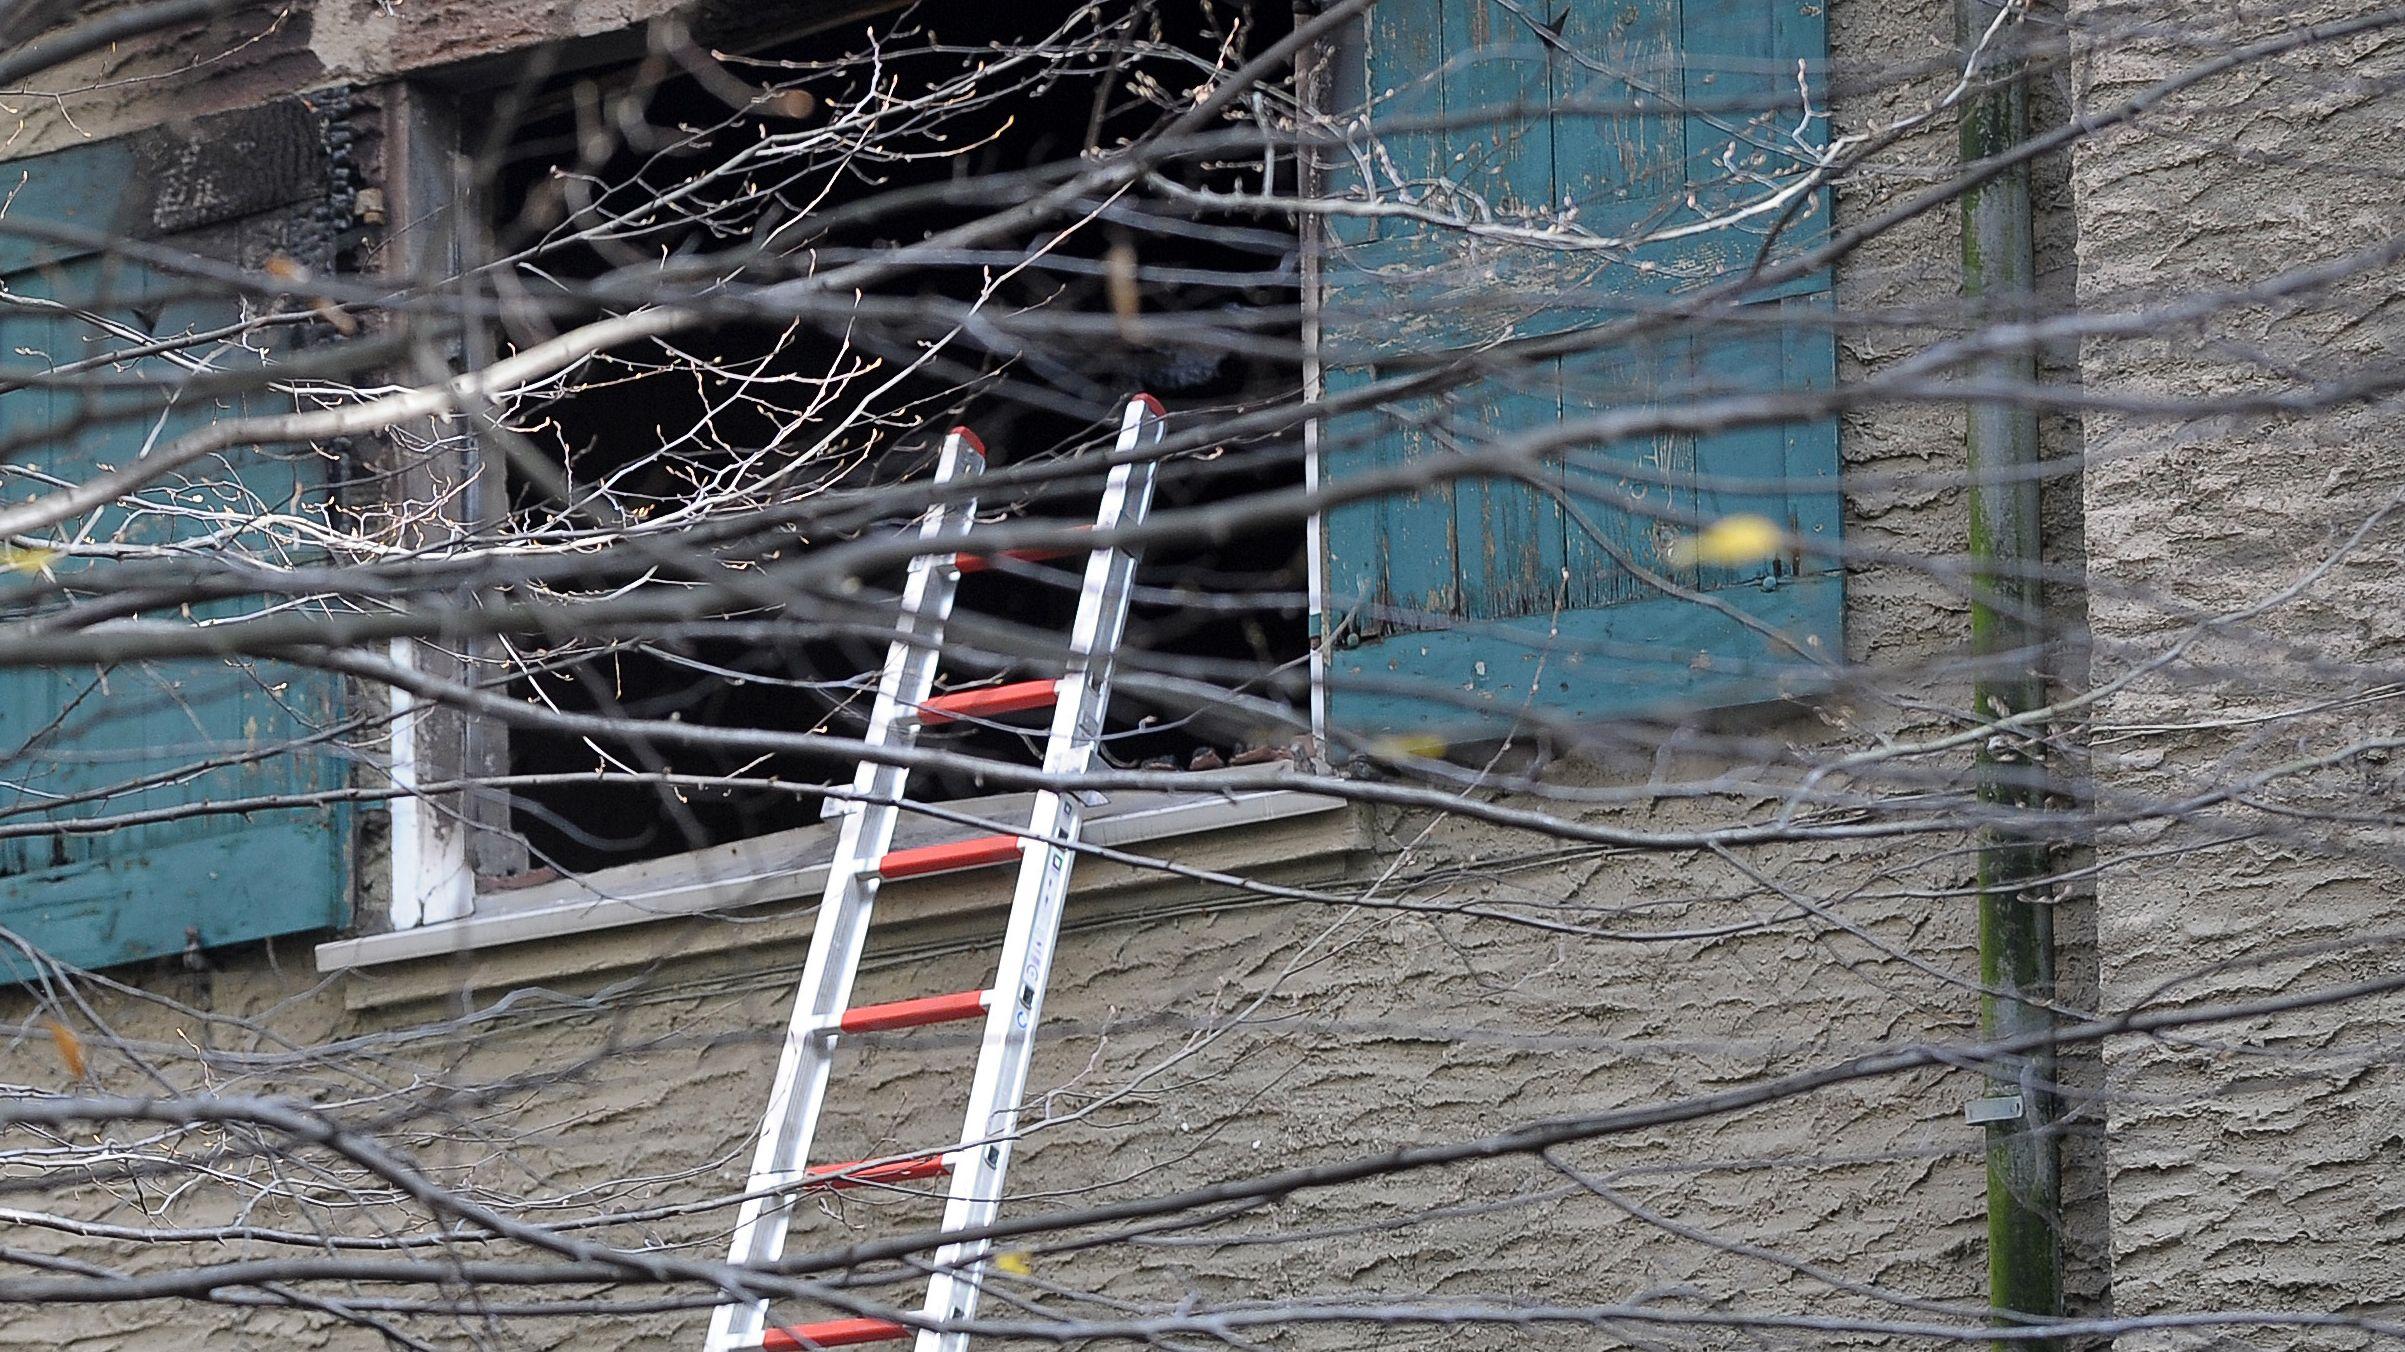 Ein Fenster zu dem eine Leiter führt